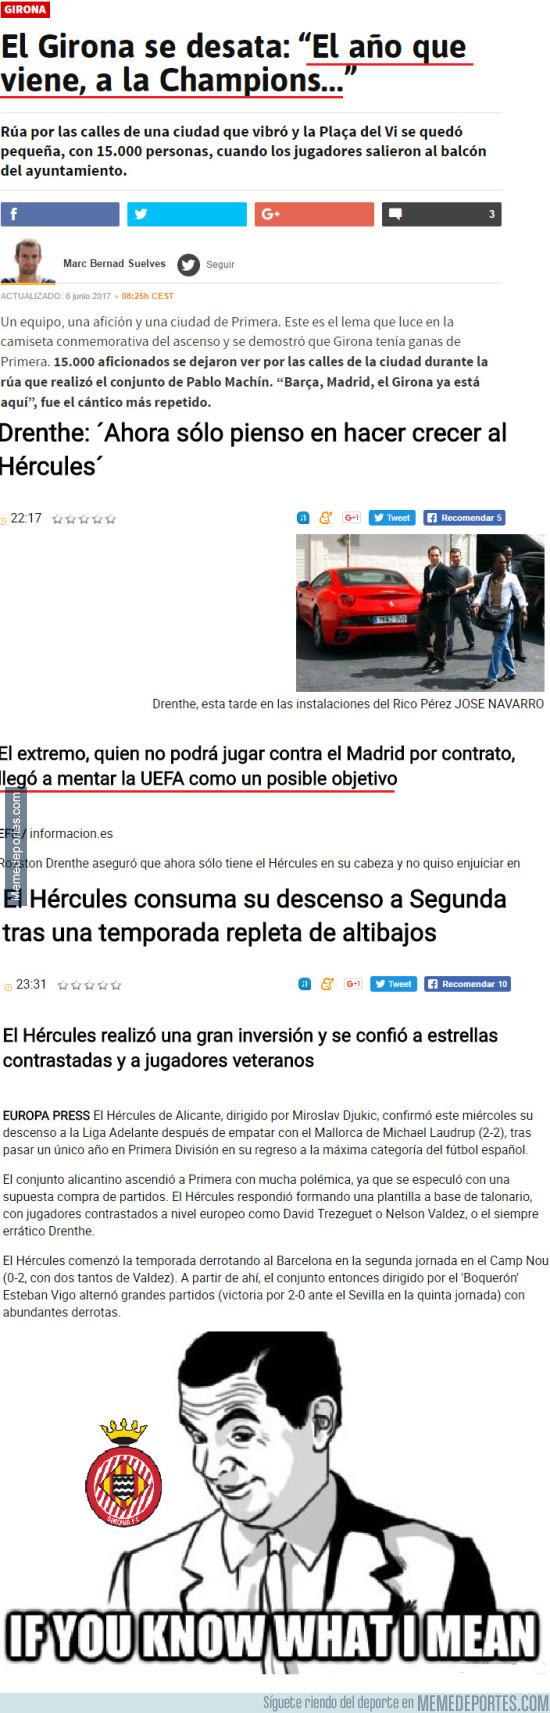 980561 - El Girona